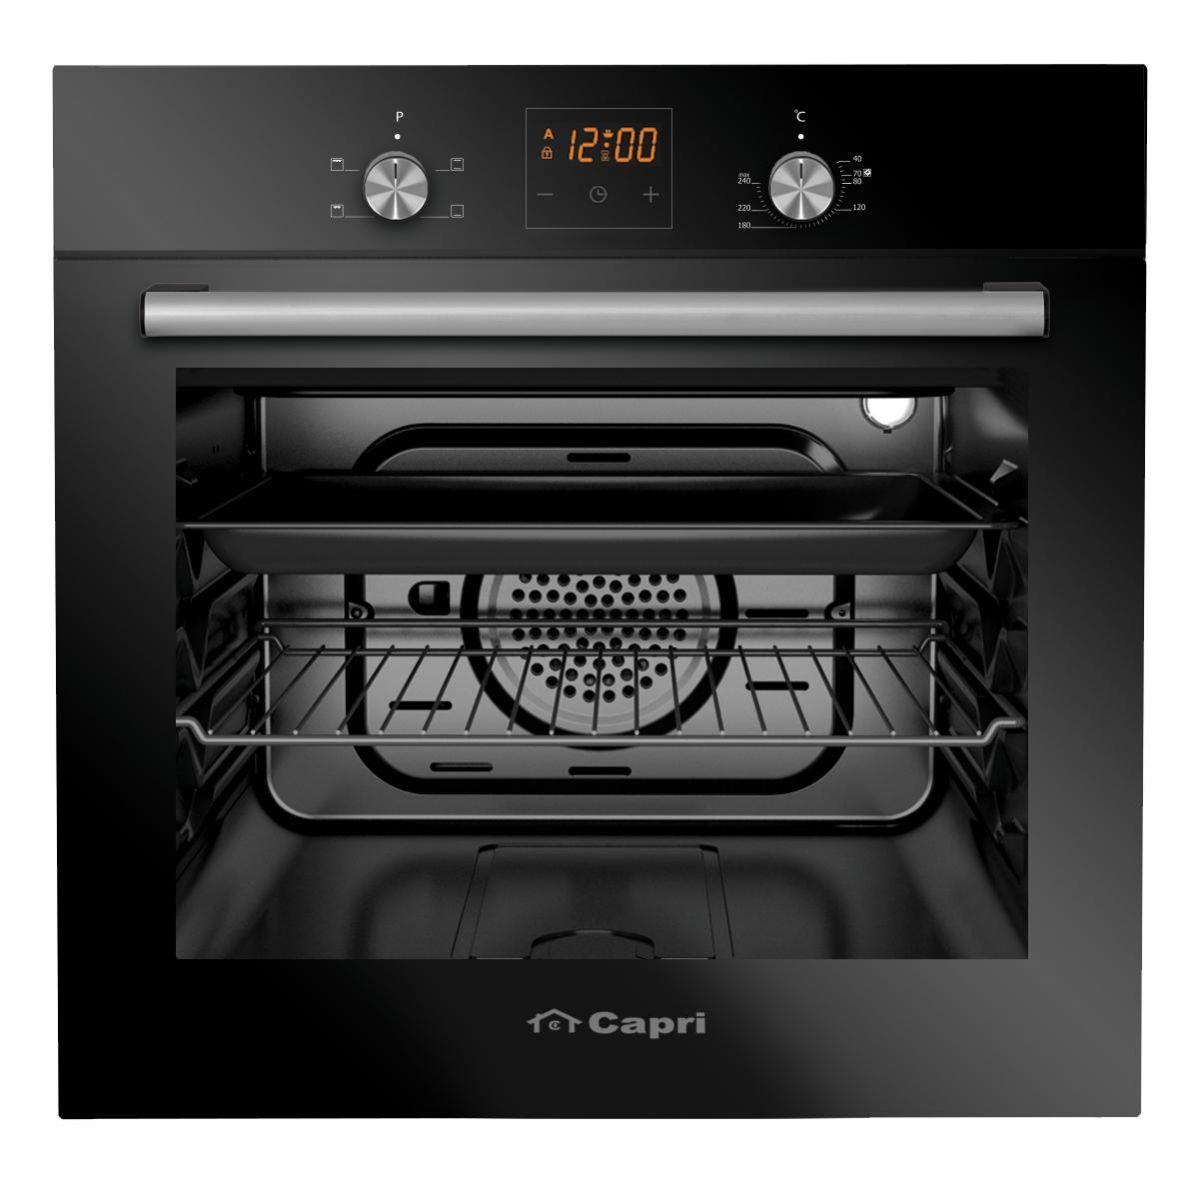 Lò nướng tích hợp âm tủ siêu thông minh   Capri CR-666B   Hàng chính hãng, bảo hành tận nơi lên đến 2 năm   Mang trái tim ấm áp đến ngôi nhà của bạn